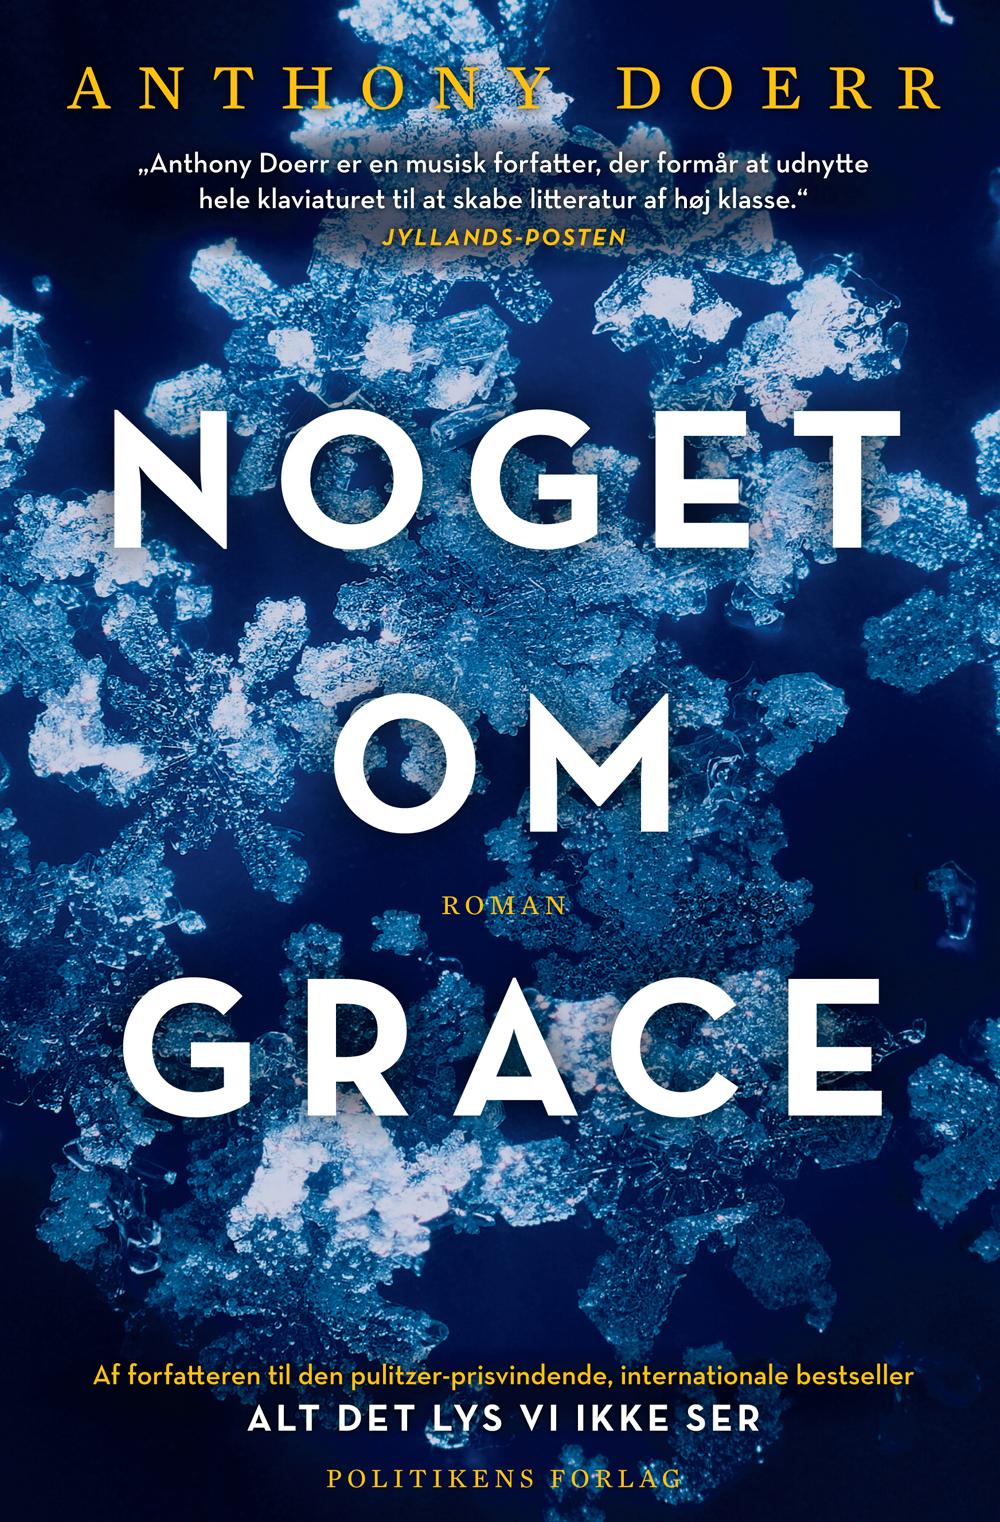 Noget om Grace - Anthony Doerr - Bøger - Politikens Forlag - 9788740026924 - February 18, 2016